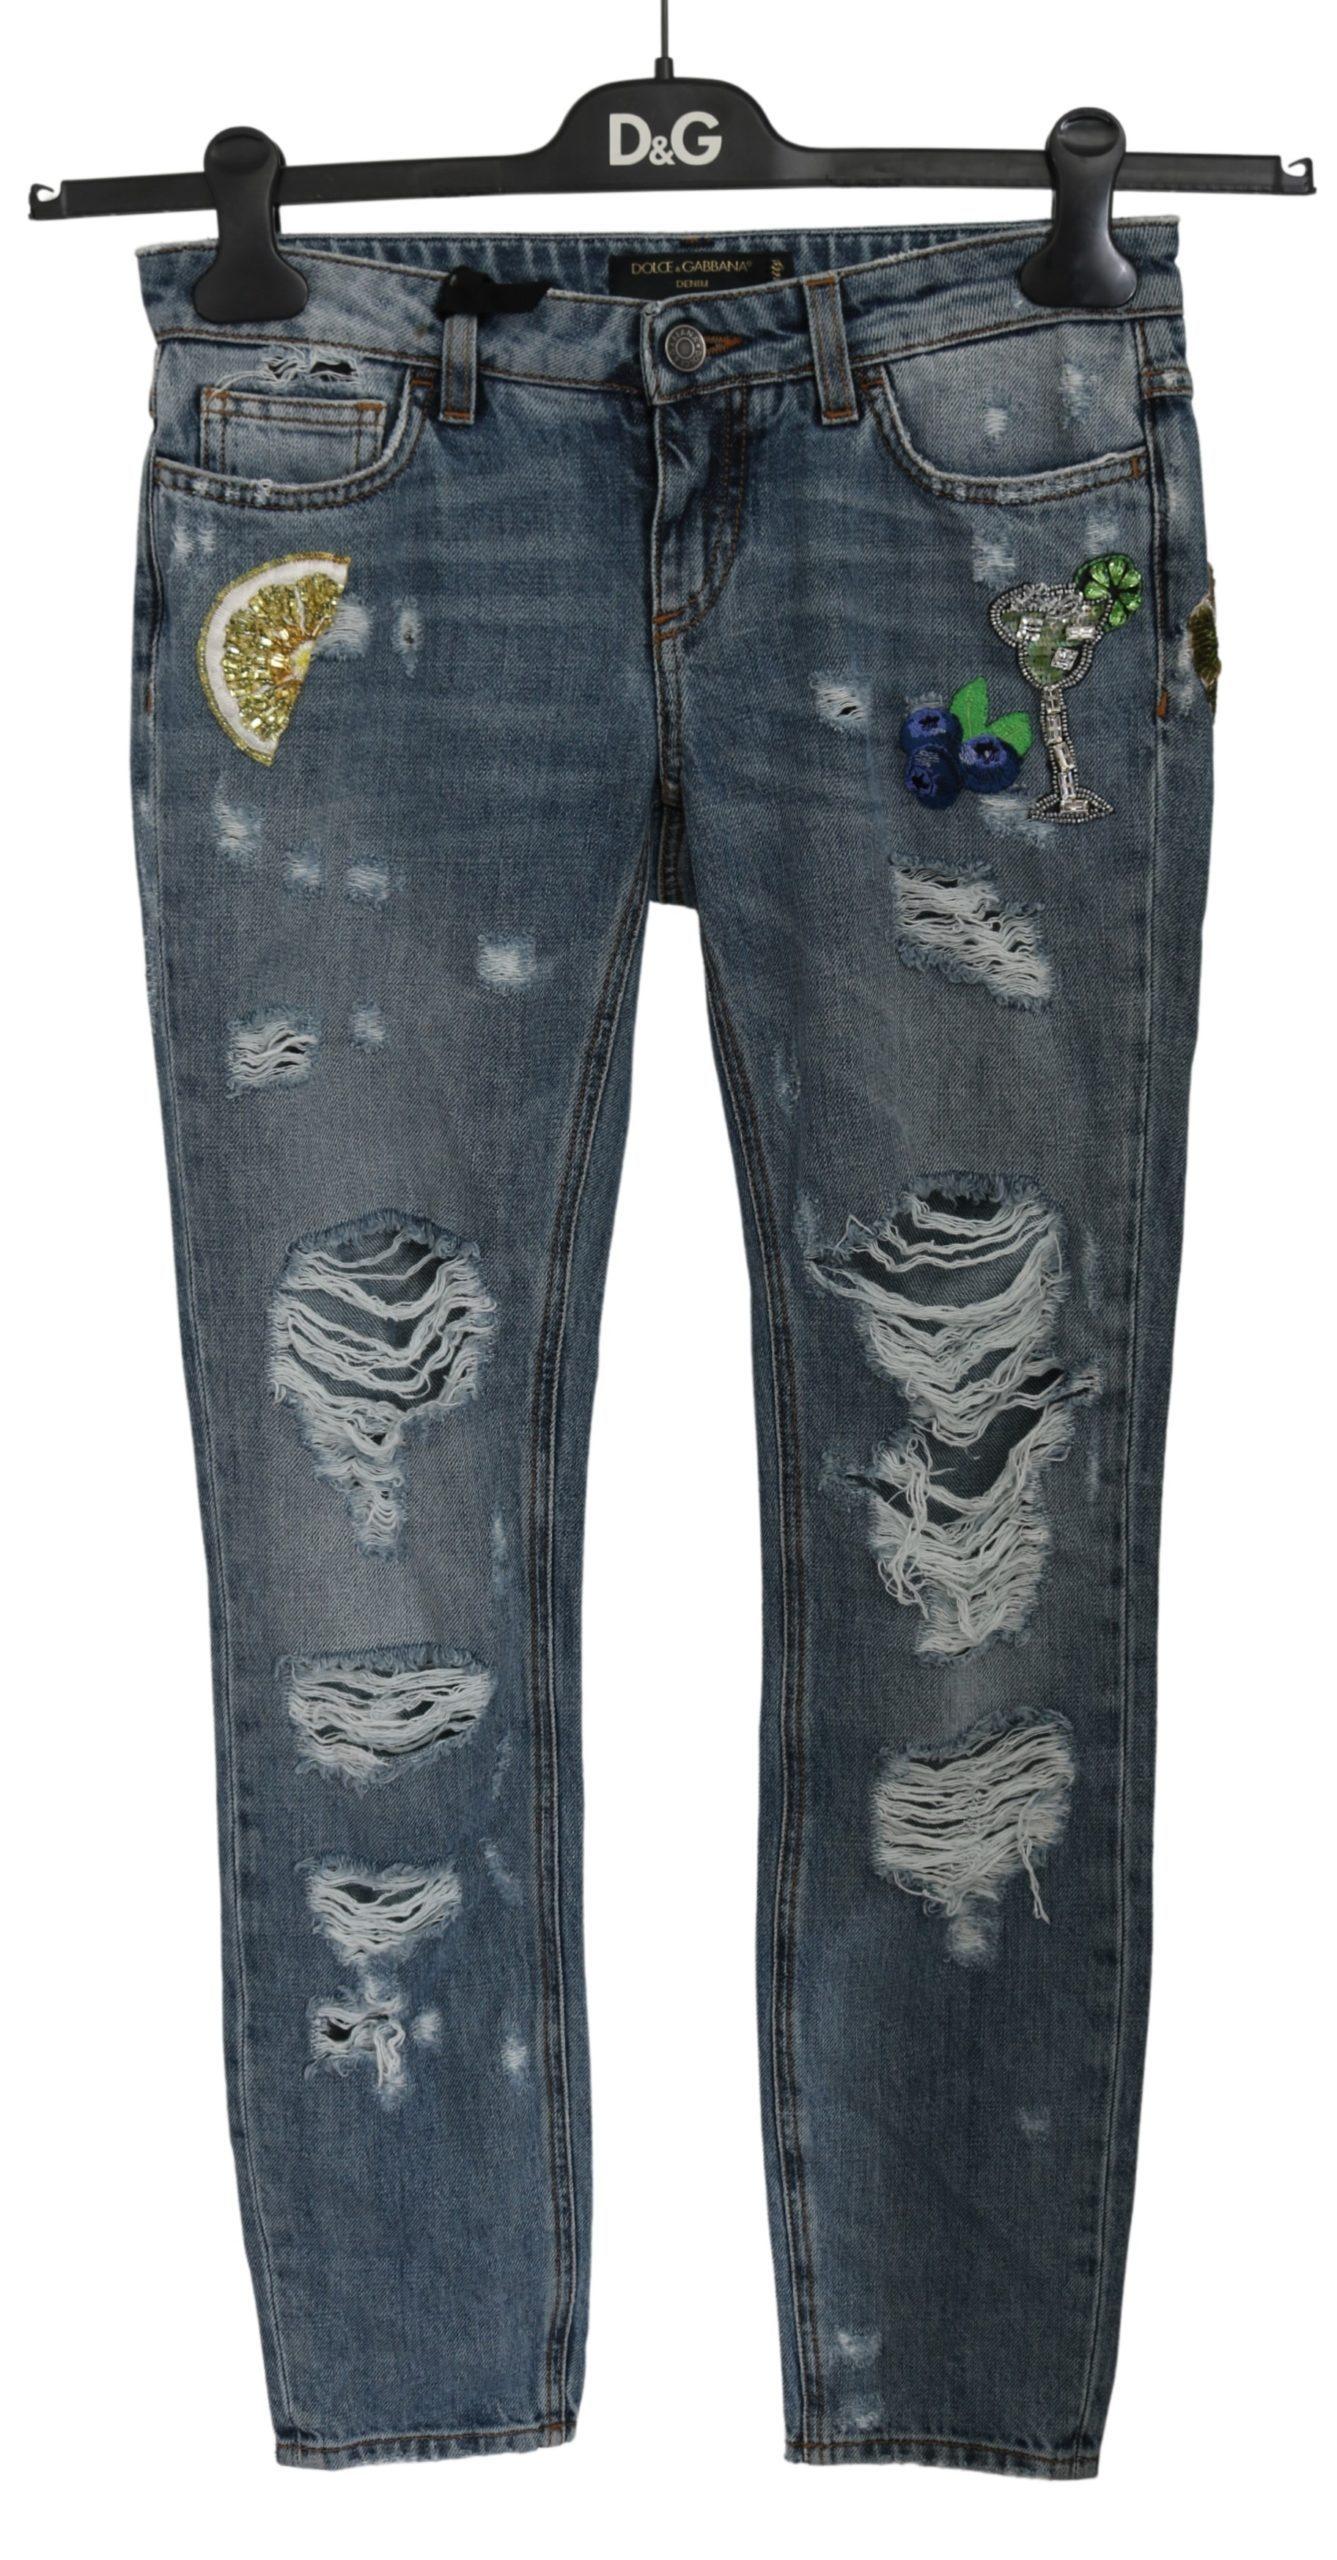 Dolce & Gabbana Women's Ripped PRETTY Cotton Jeans PAN61184 - IT36   XS